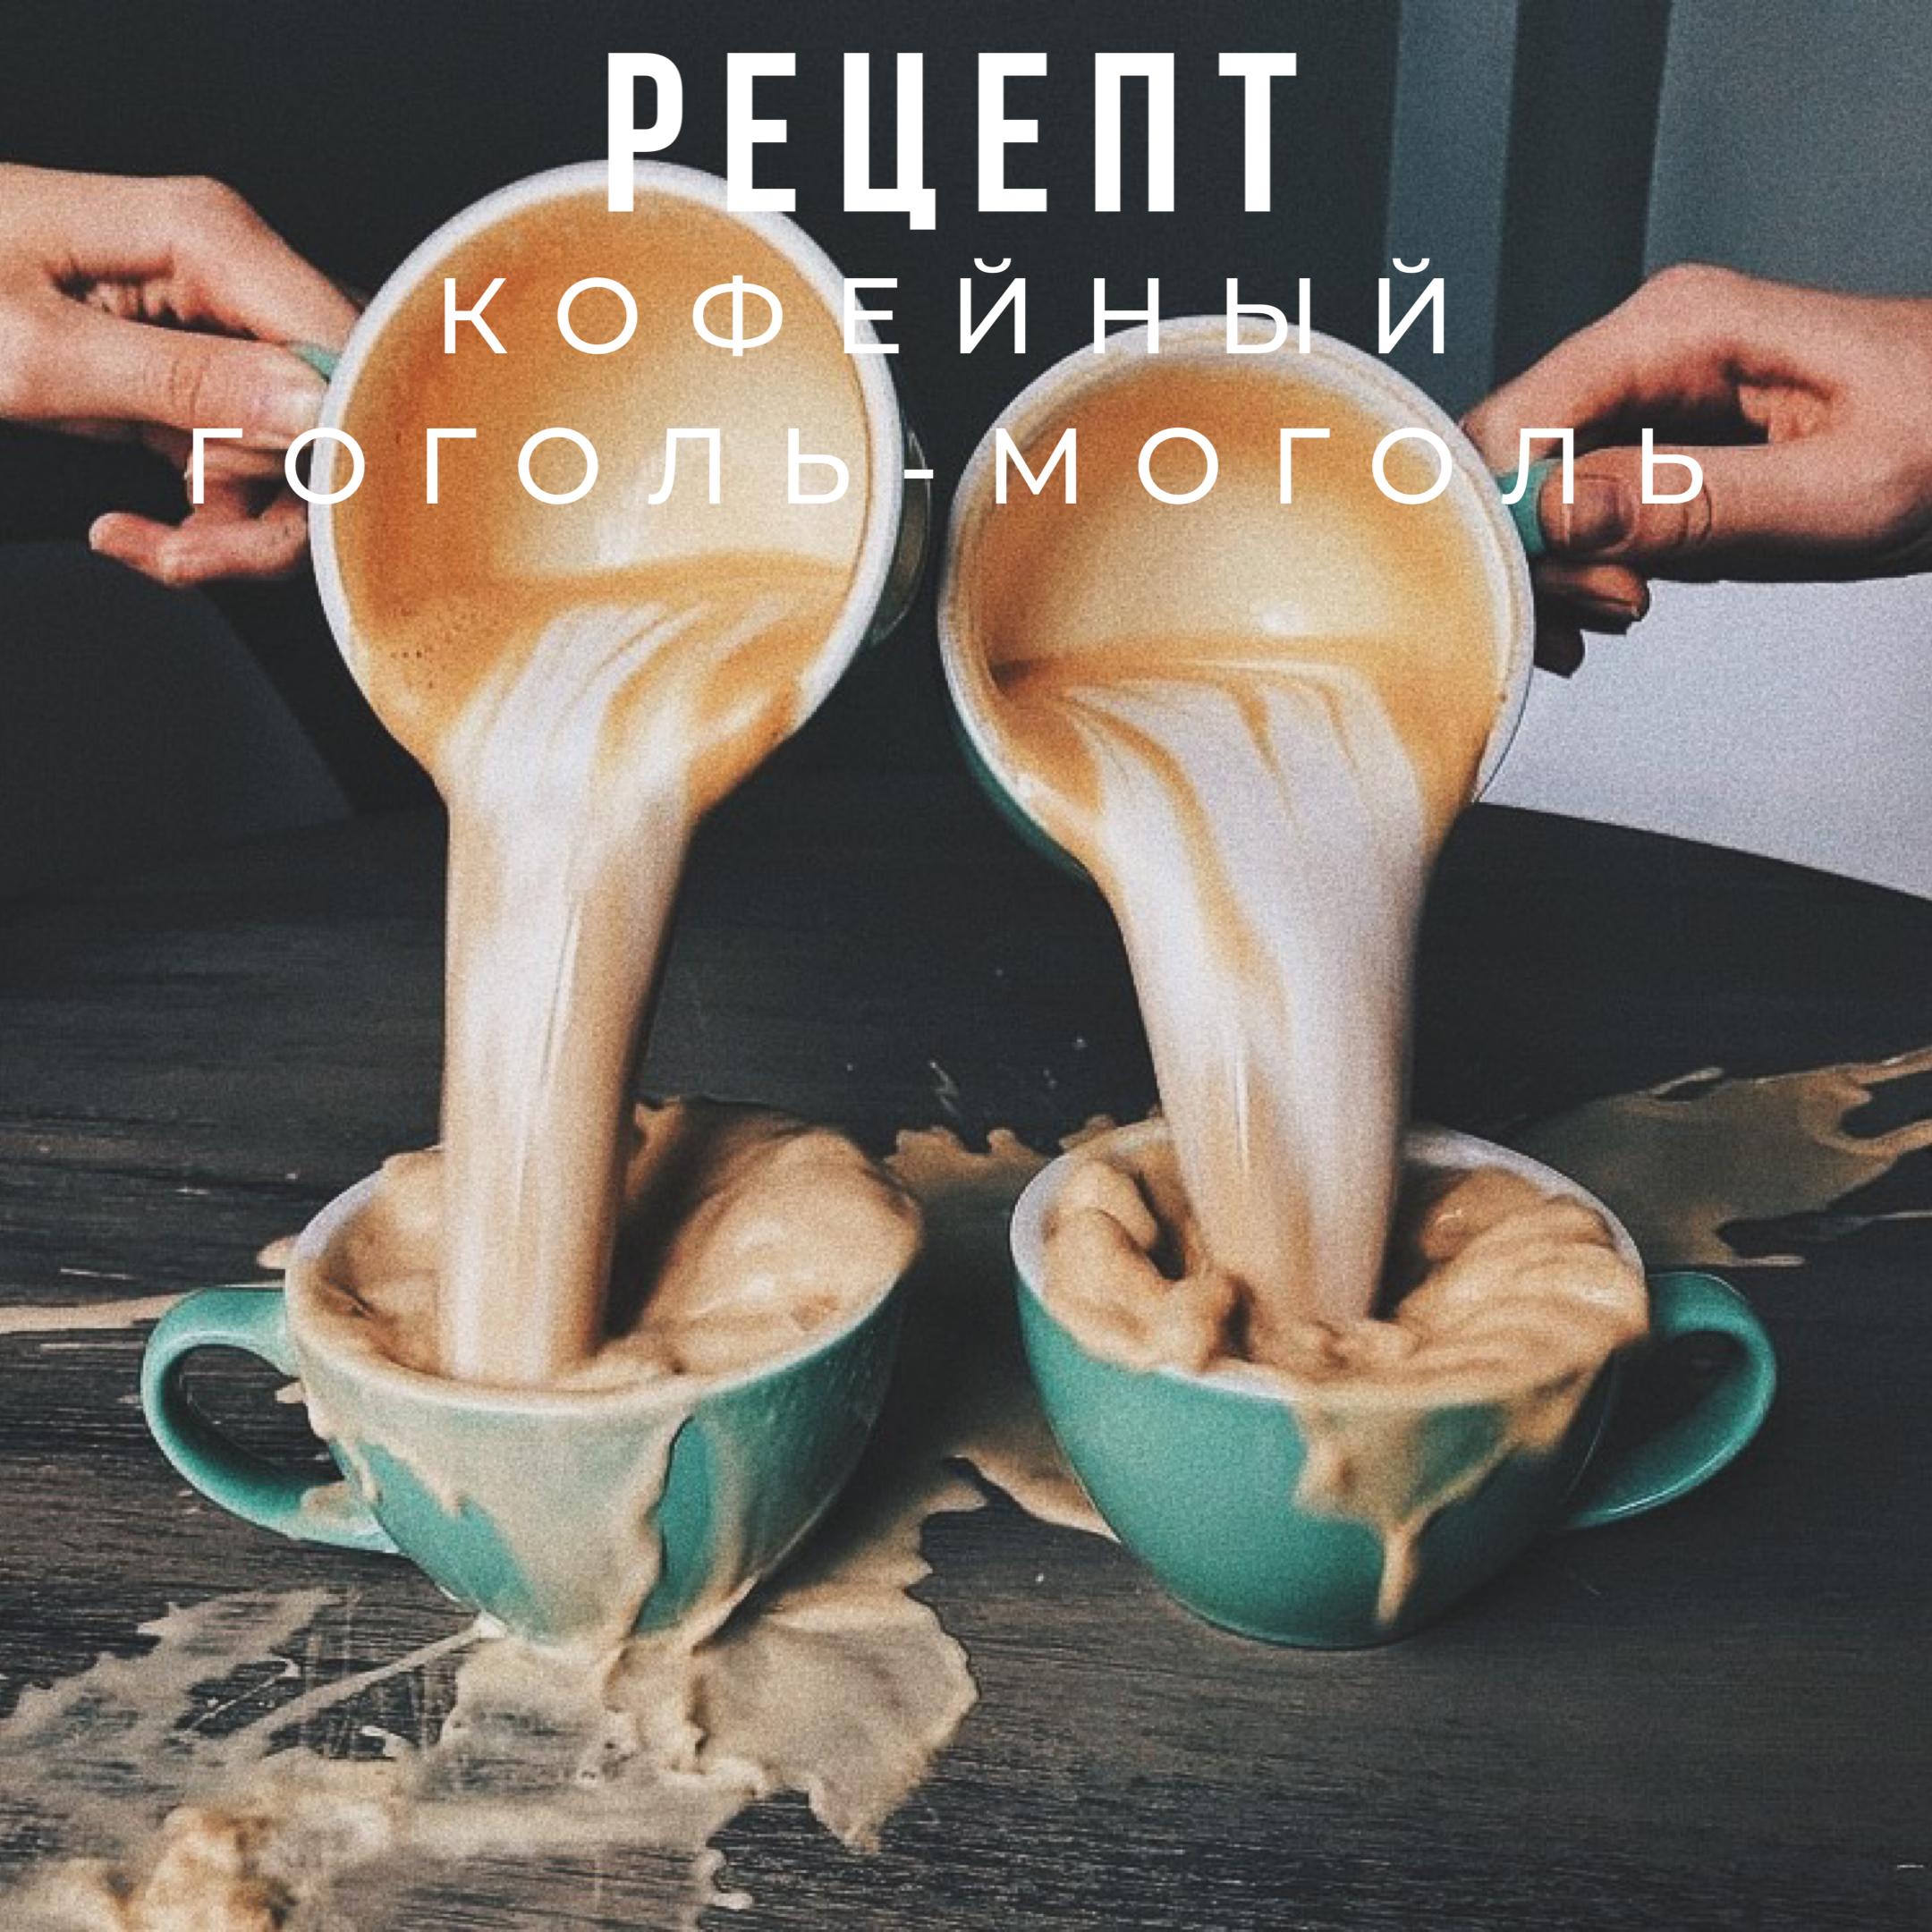 Рецепт гоголь-моголь кофейный